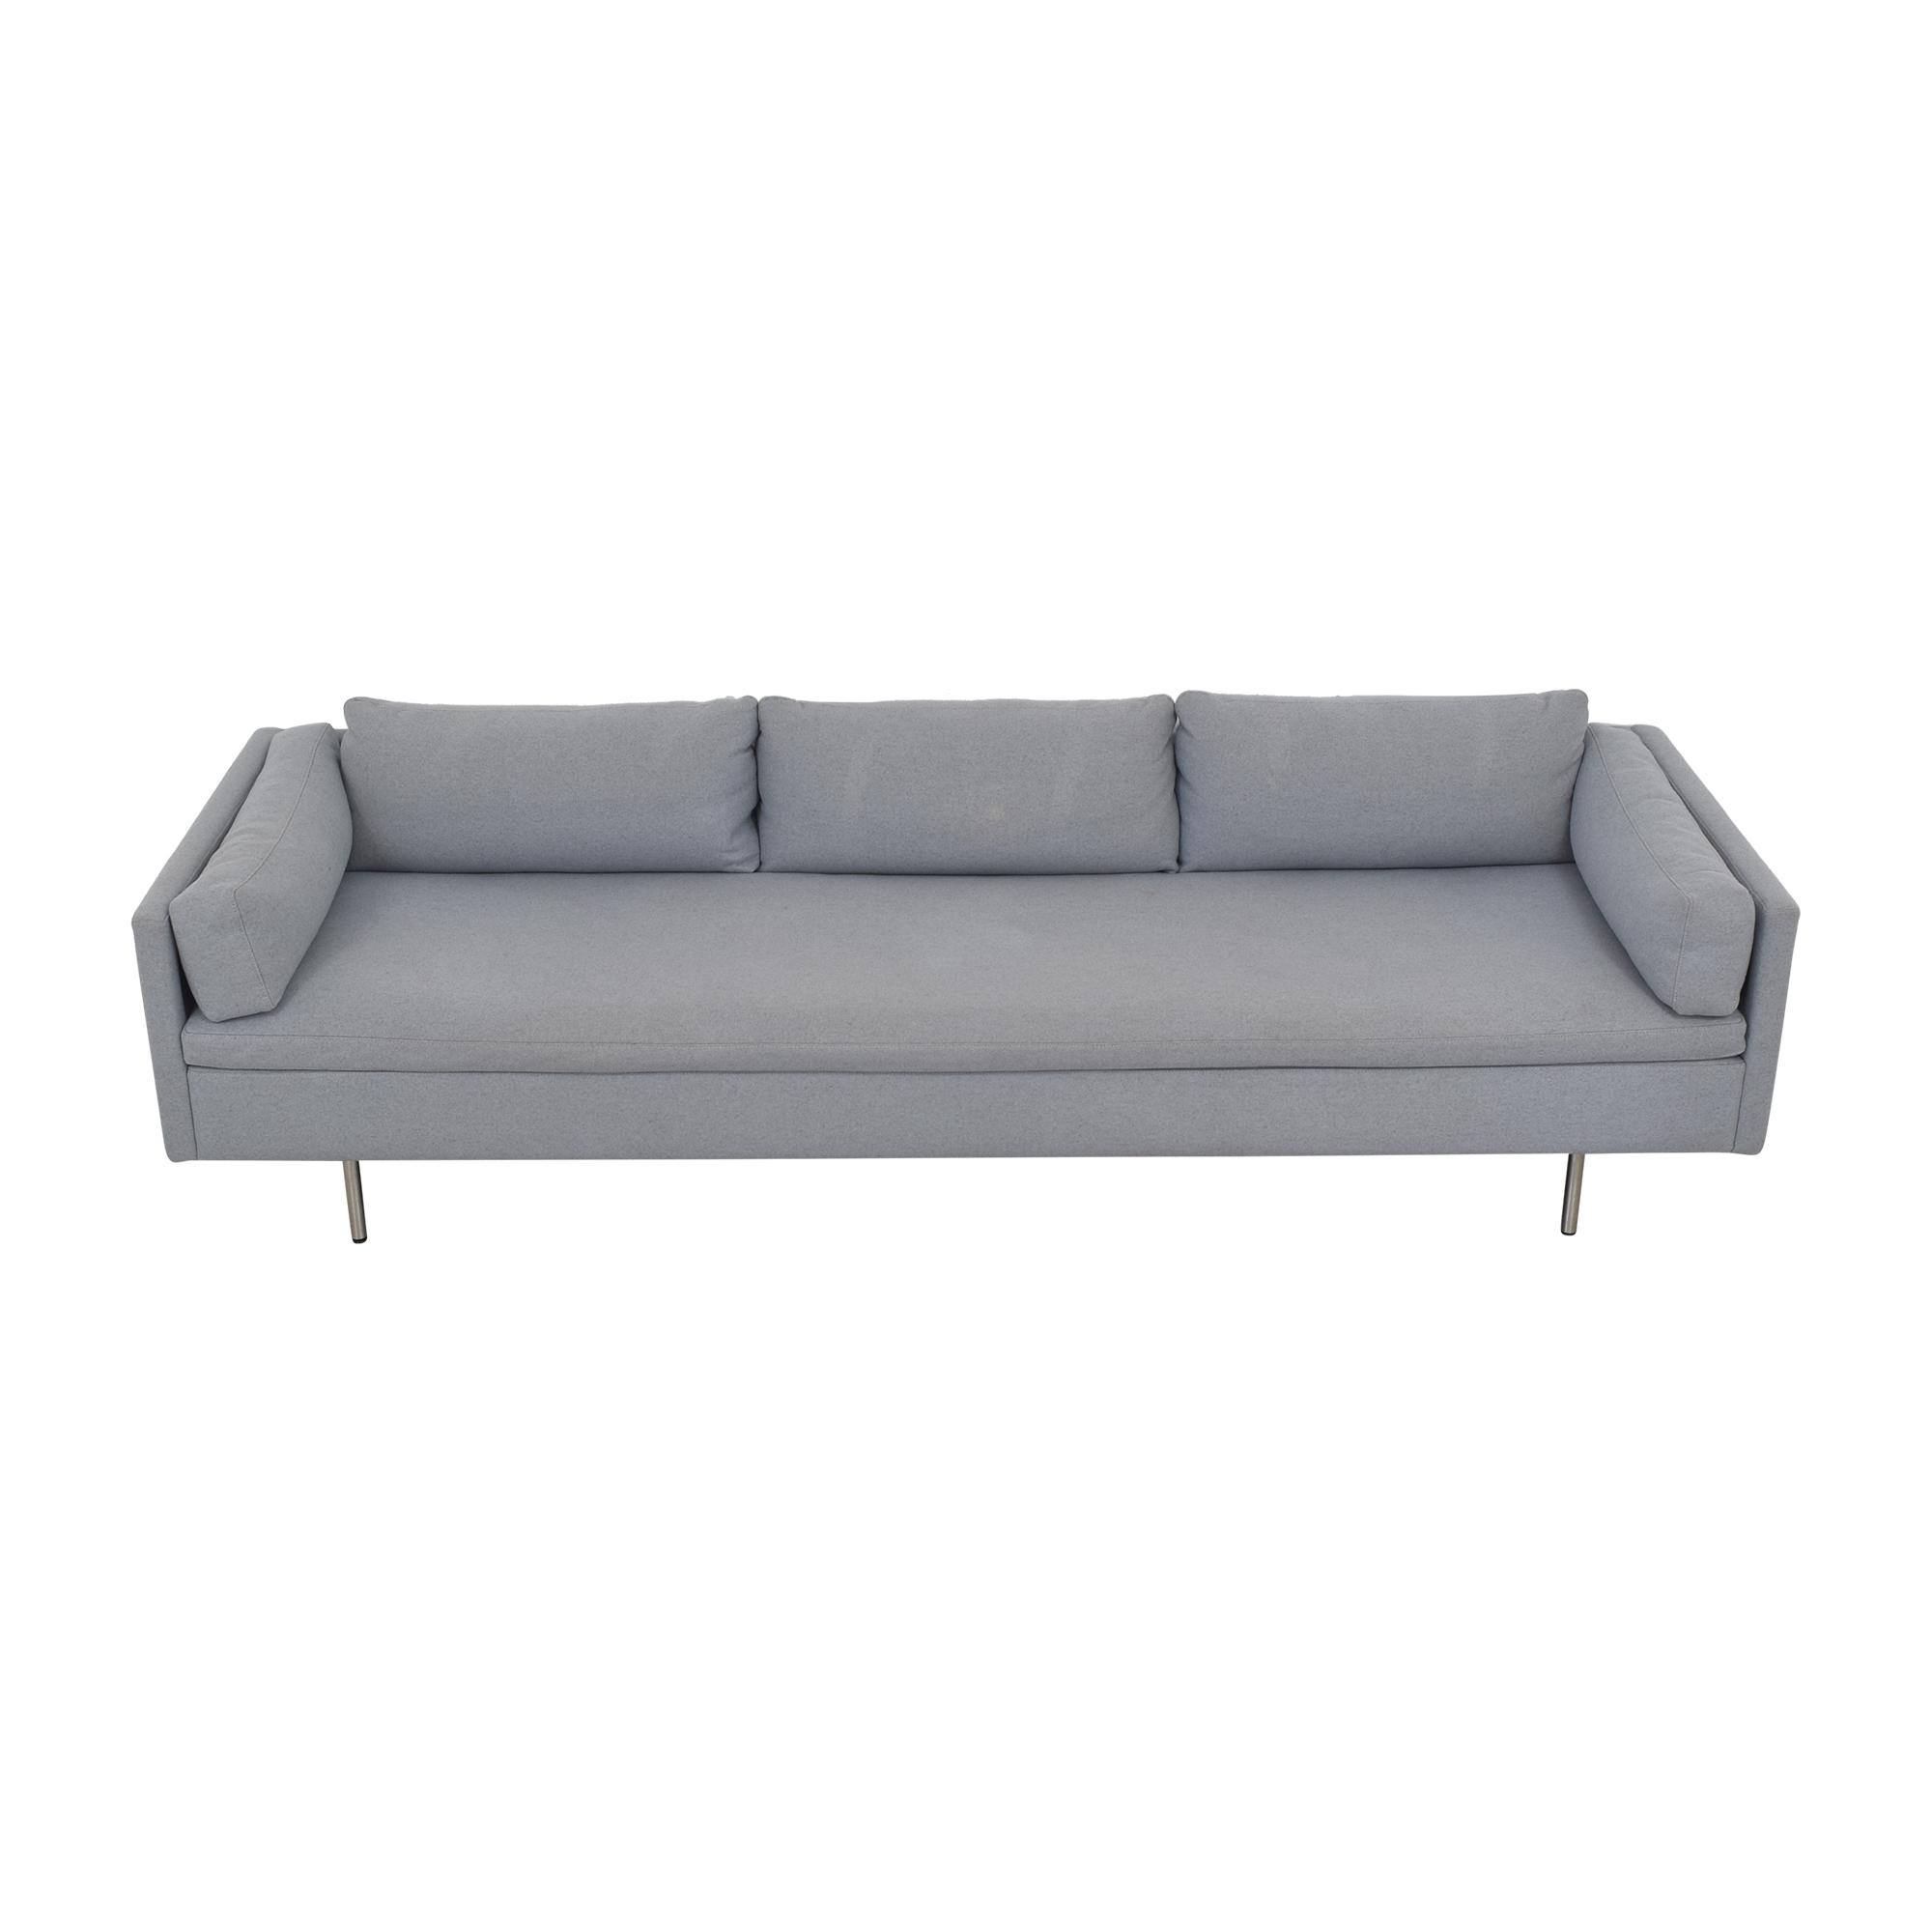 Herman Miller Herman Miller Bolster Sofa blue